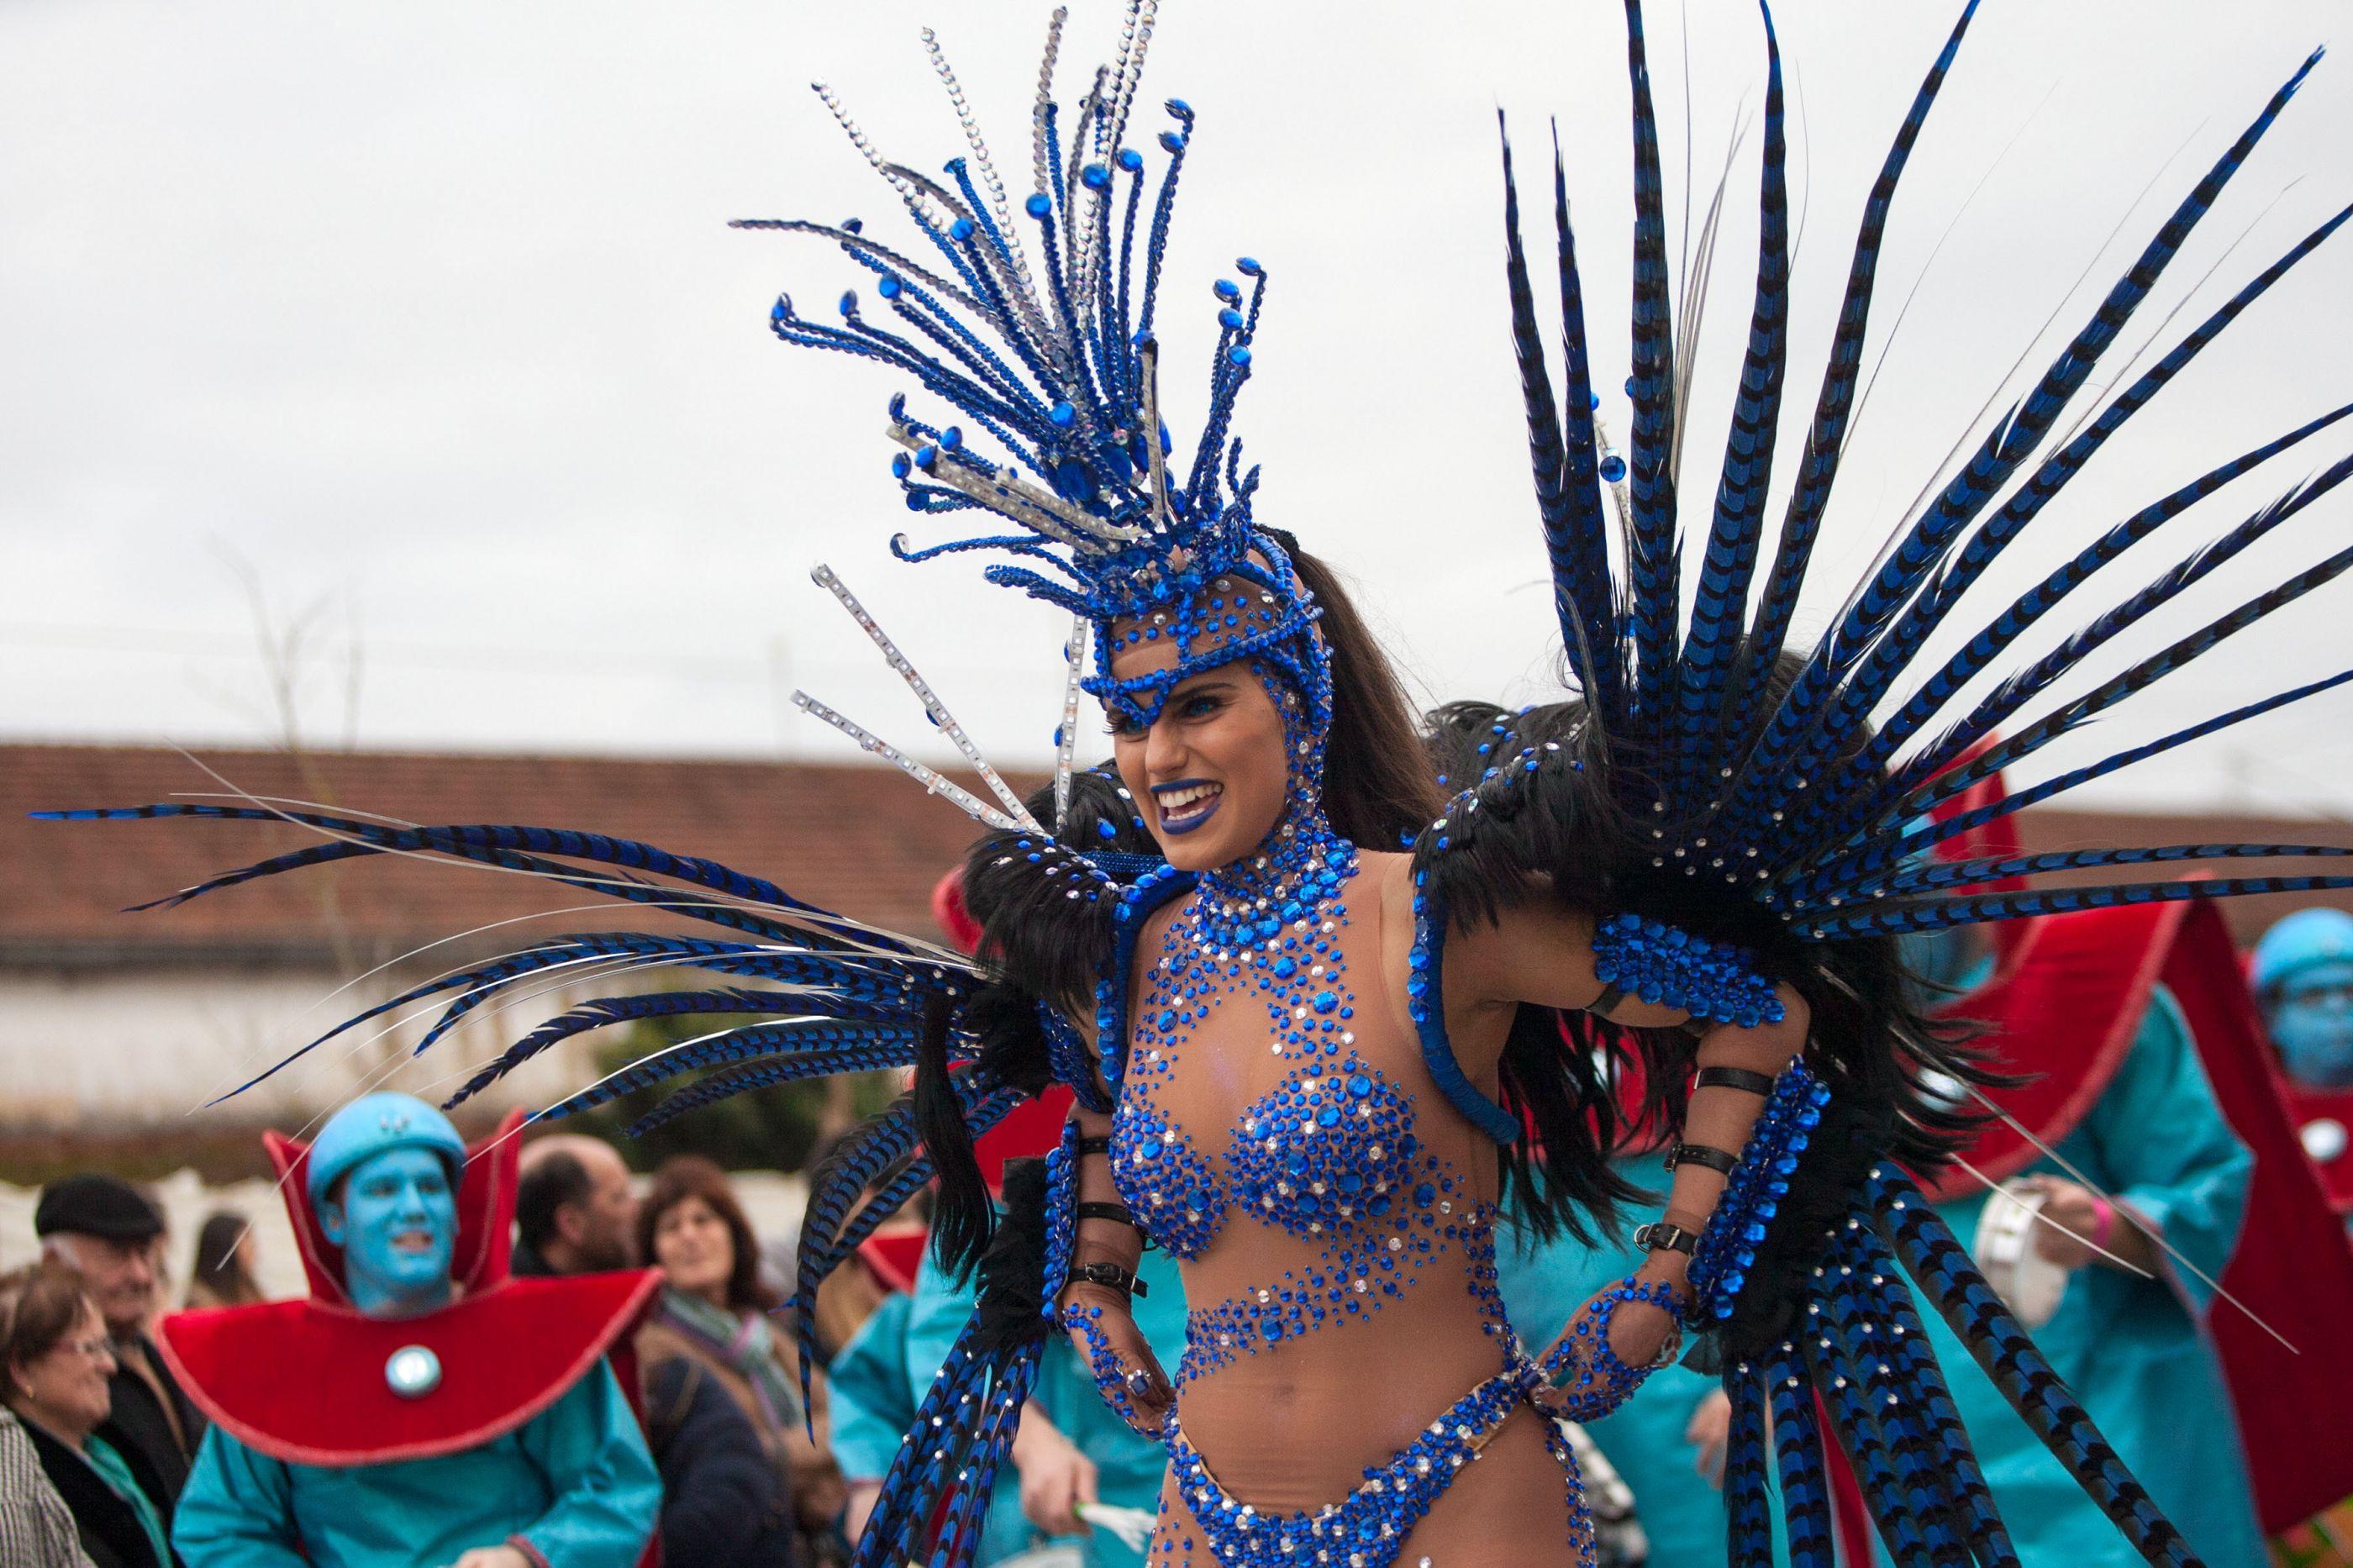 Previsão de mau tempo adia Carnaval de Buarcos/Figueira da Foz